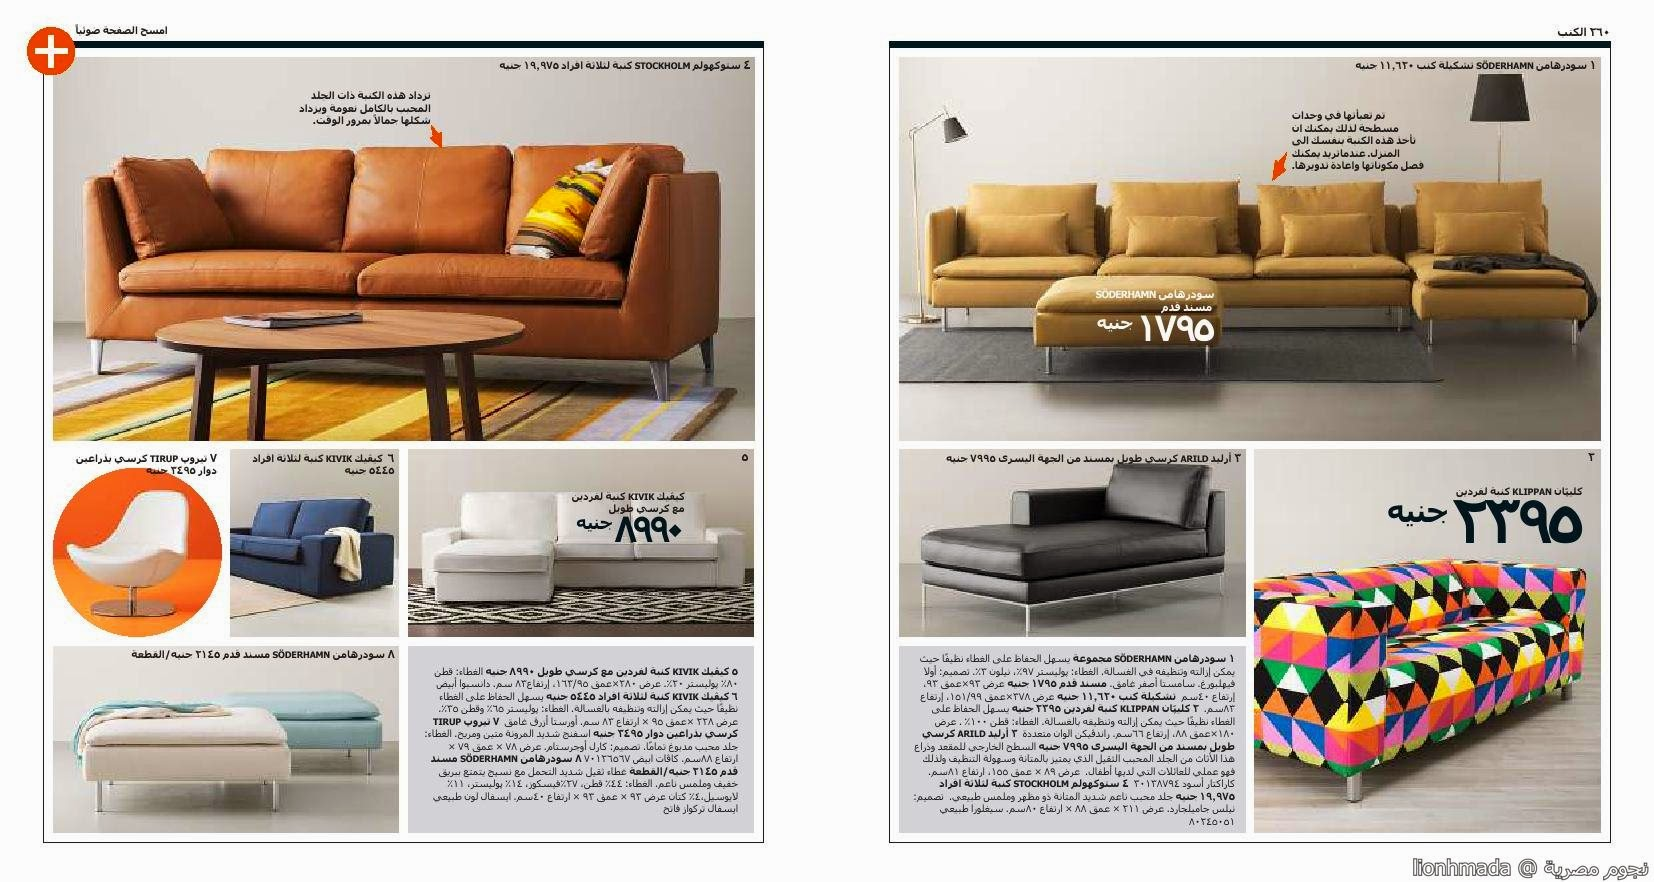 img0e962e8a11faf4783c13322370d997f3 صور كتالوج ايكيا مصر ikia للديكورات